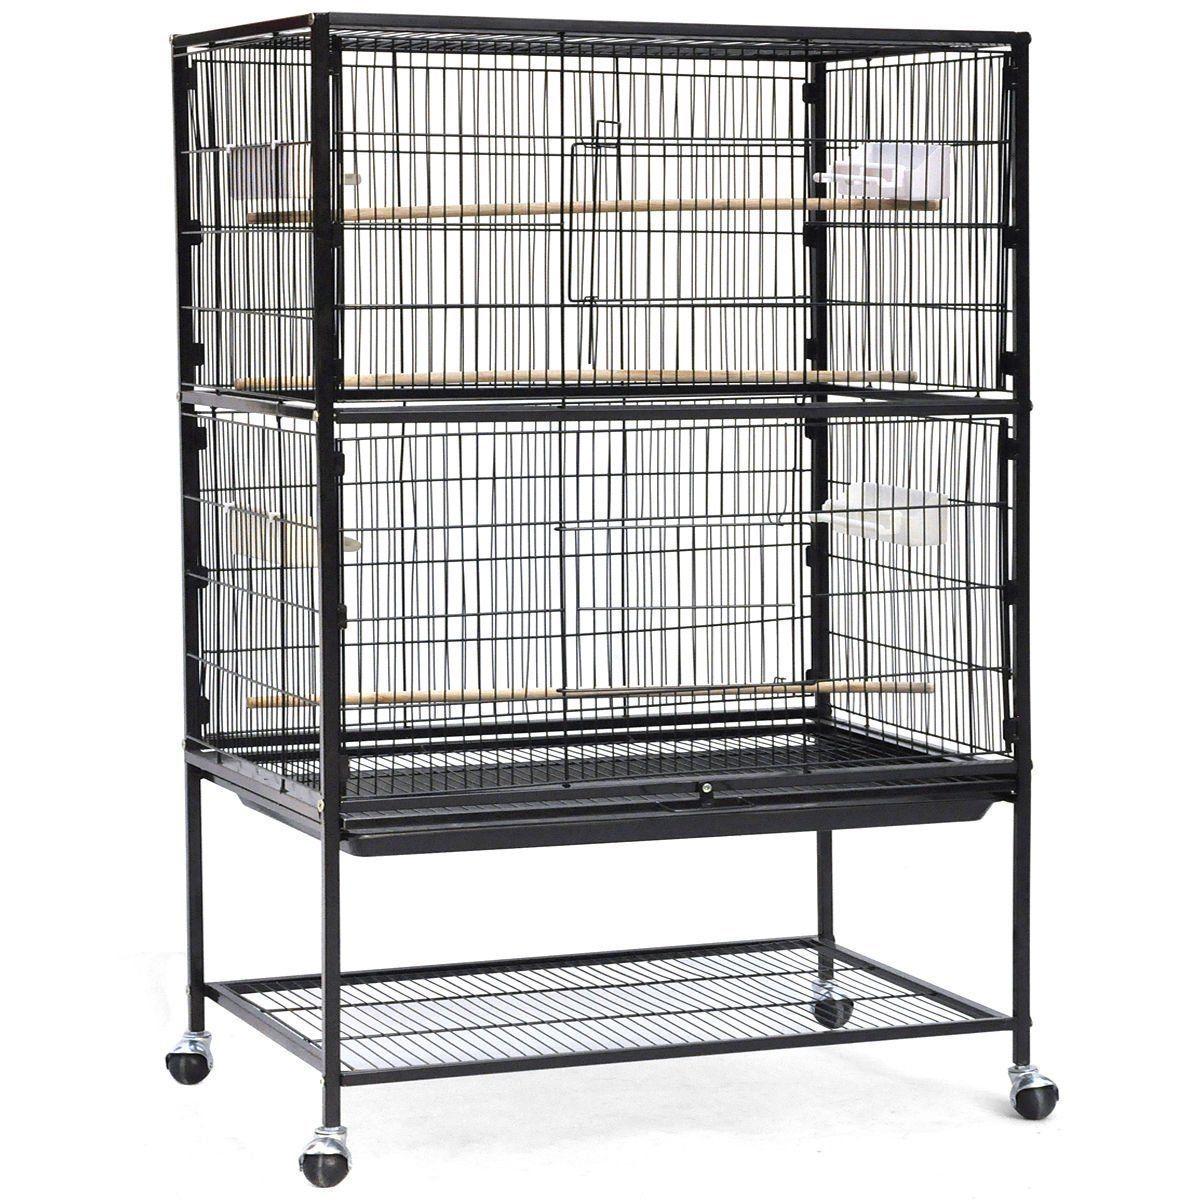 Bird Cages Usa | Top | Pinterest | Bird cages and Bird